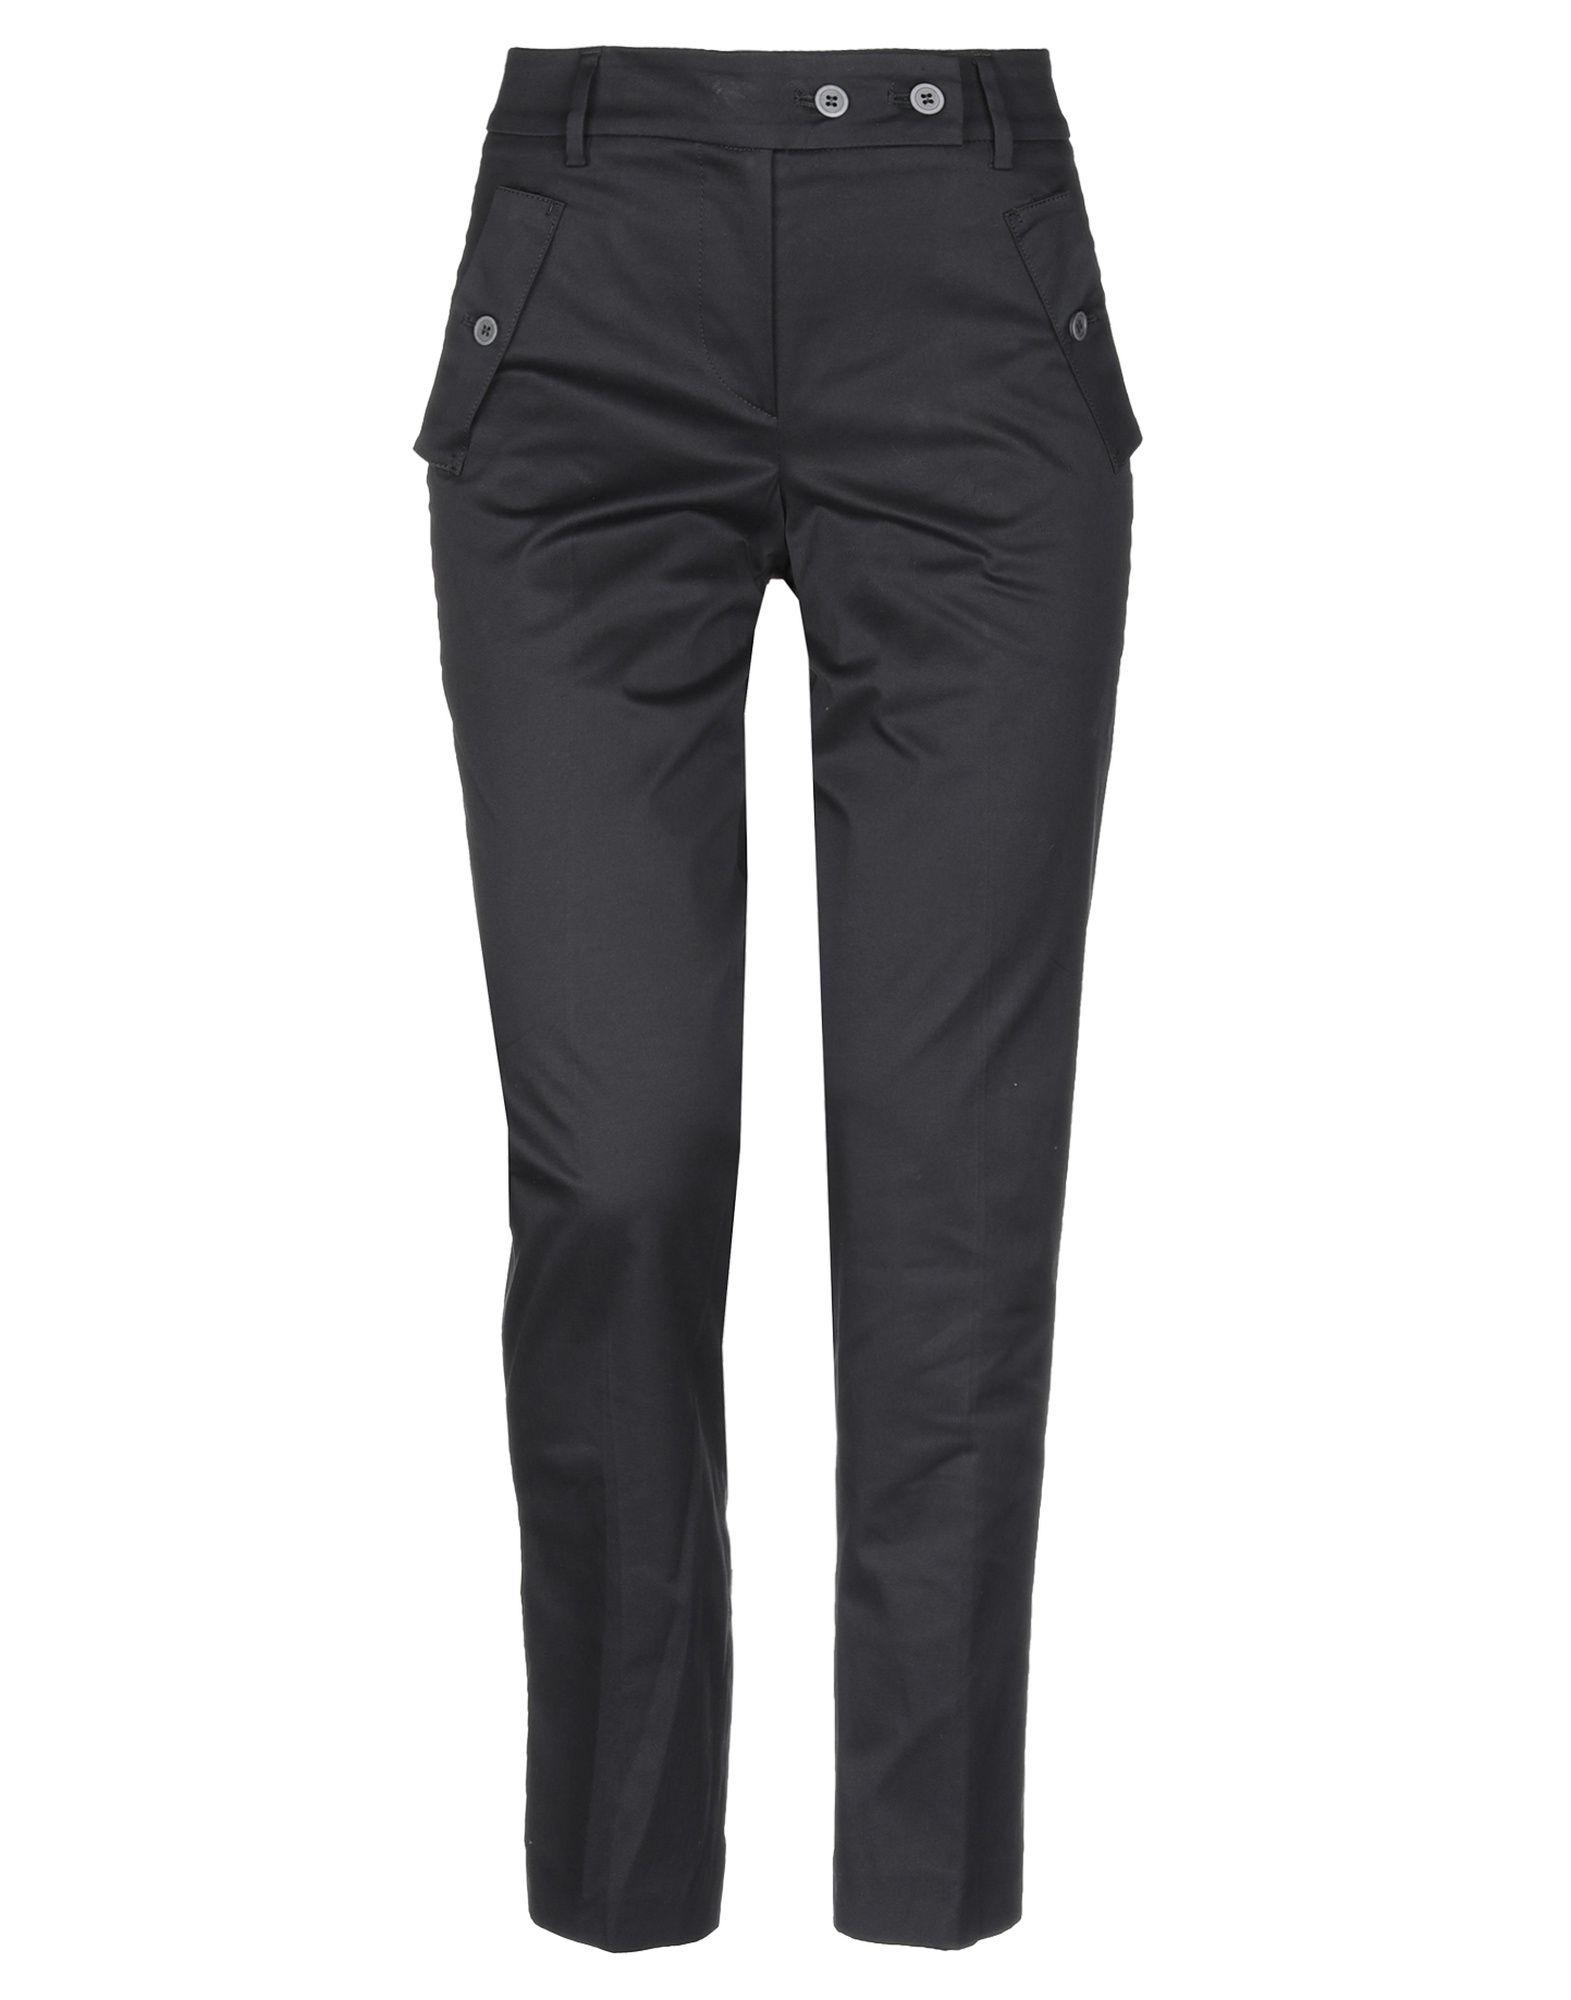 GUNEX Повседневные брюки антарктические повседневные брюки деловые мужские хлопок прямые повседневные брюки m006 cangqing 40